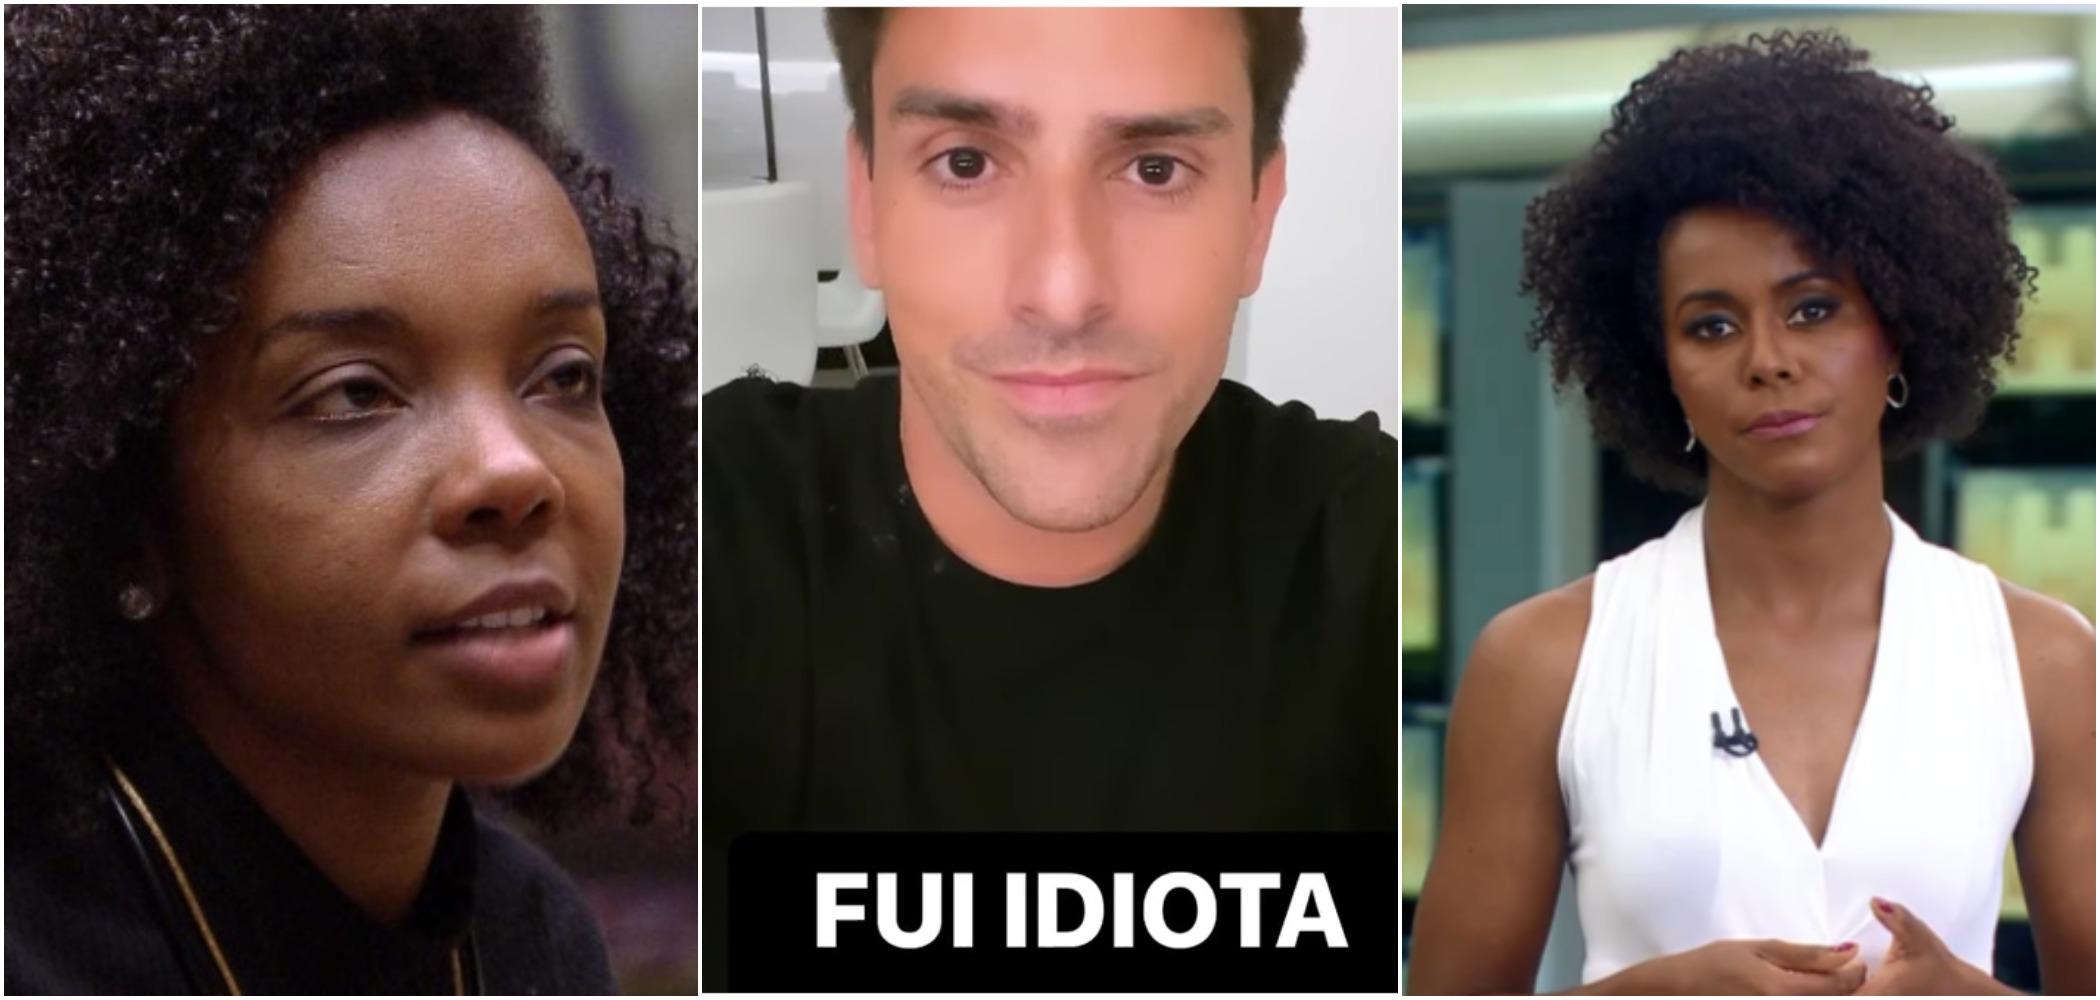 band Rodrigo Branco foi acusado de racismo após comentários sobre Thelma, do BBB 20, e a apresentadora da Globo, Maju Coutinho (Reprodução)